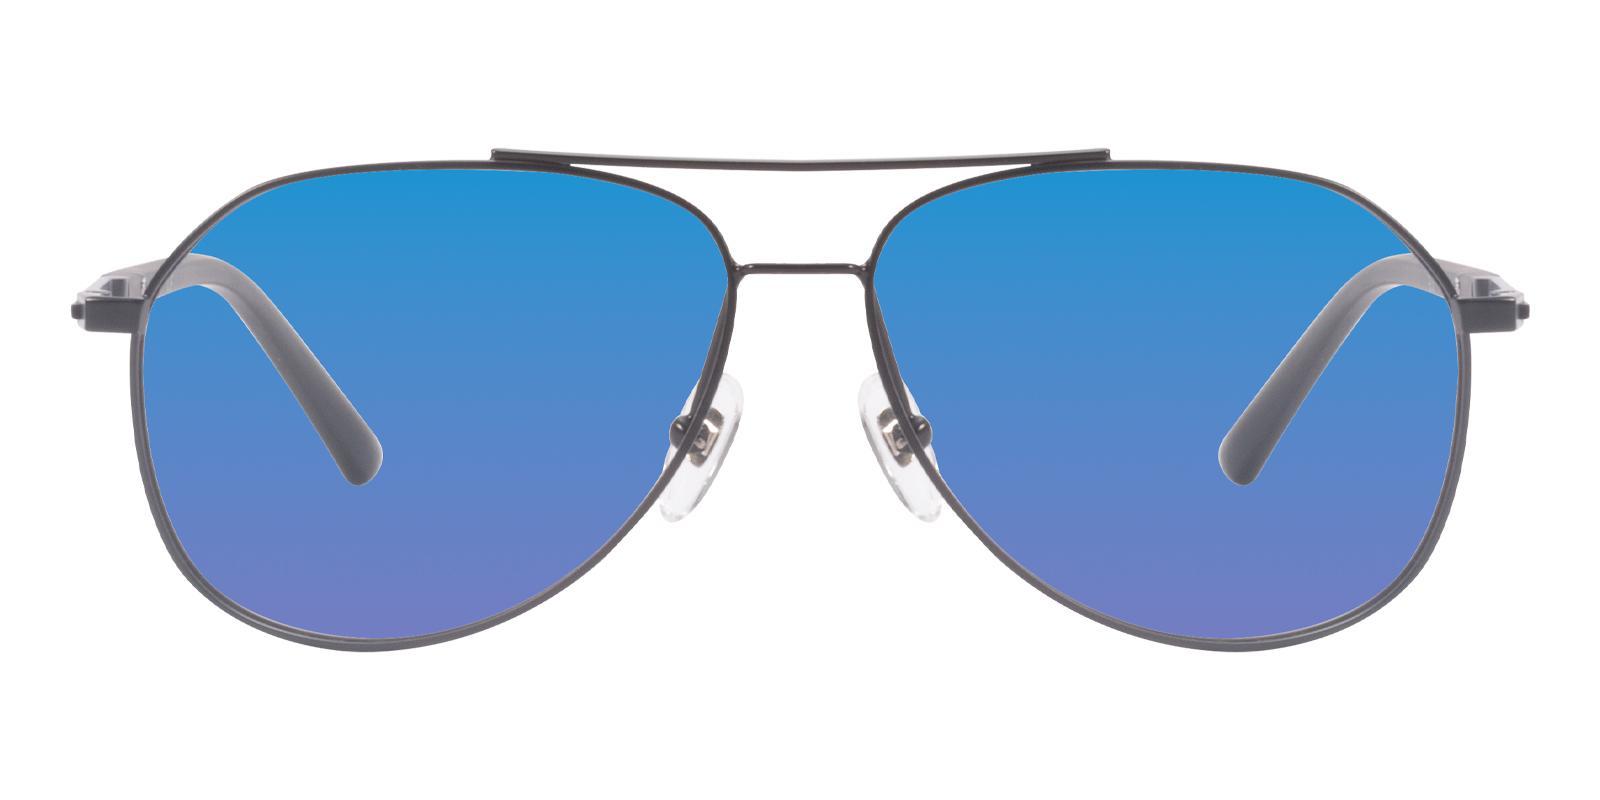 Mor Black Metal NosePads , Sunglasses Frames from ABBE Glasses